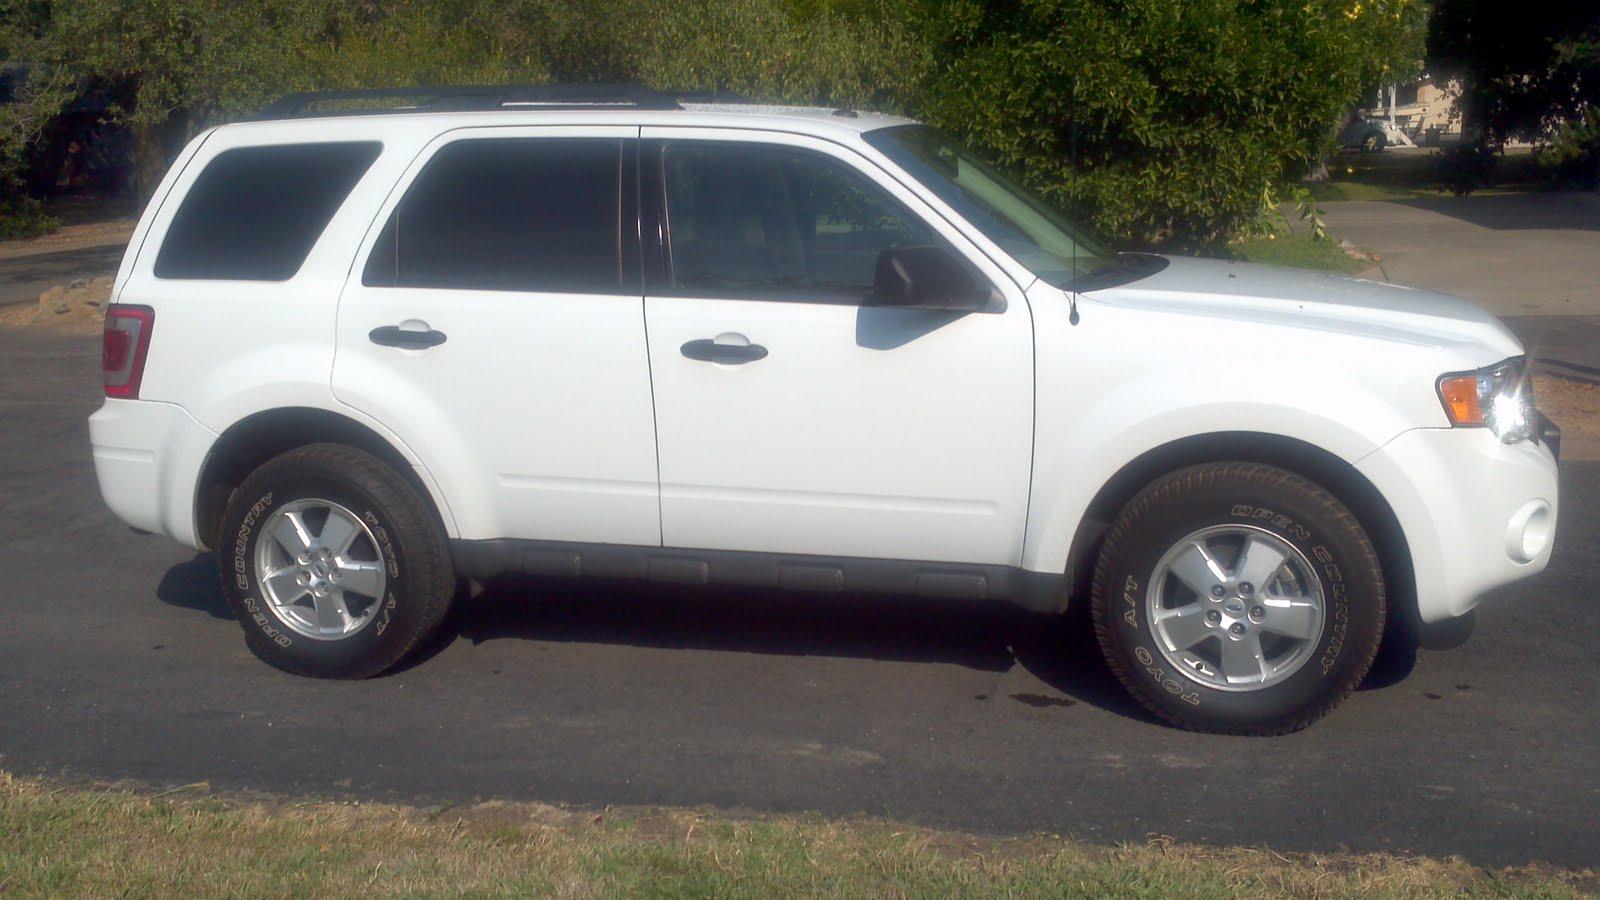 Ford Escape Lease >> Palm Acres Auto Sales: 2010 Ford Escape XLT 4x4